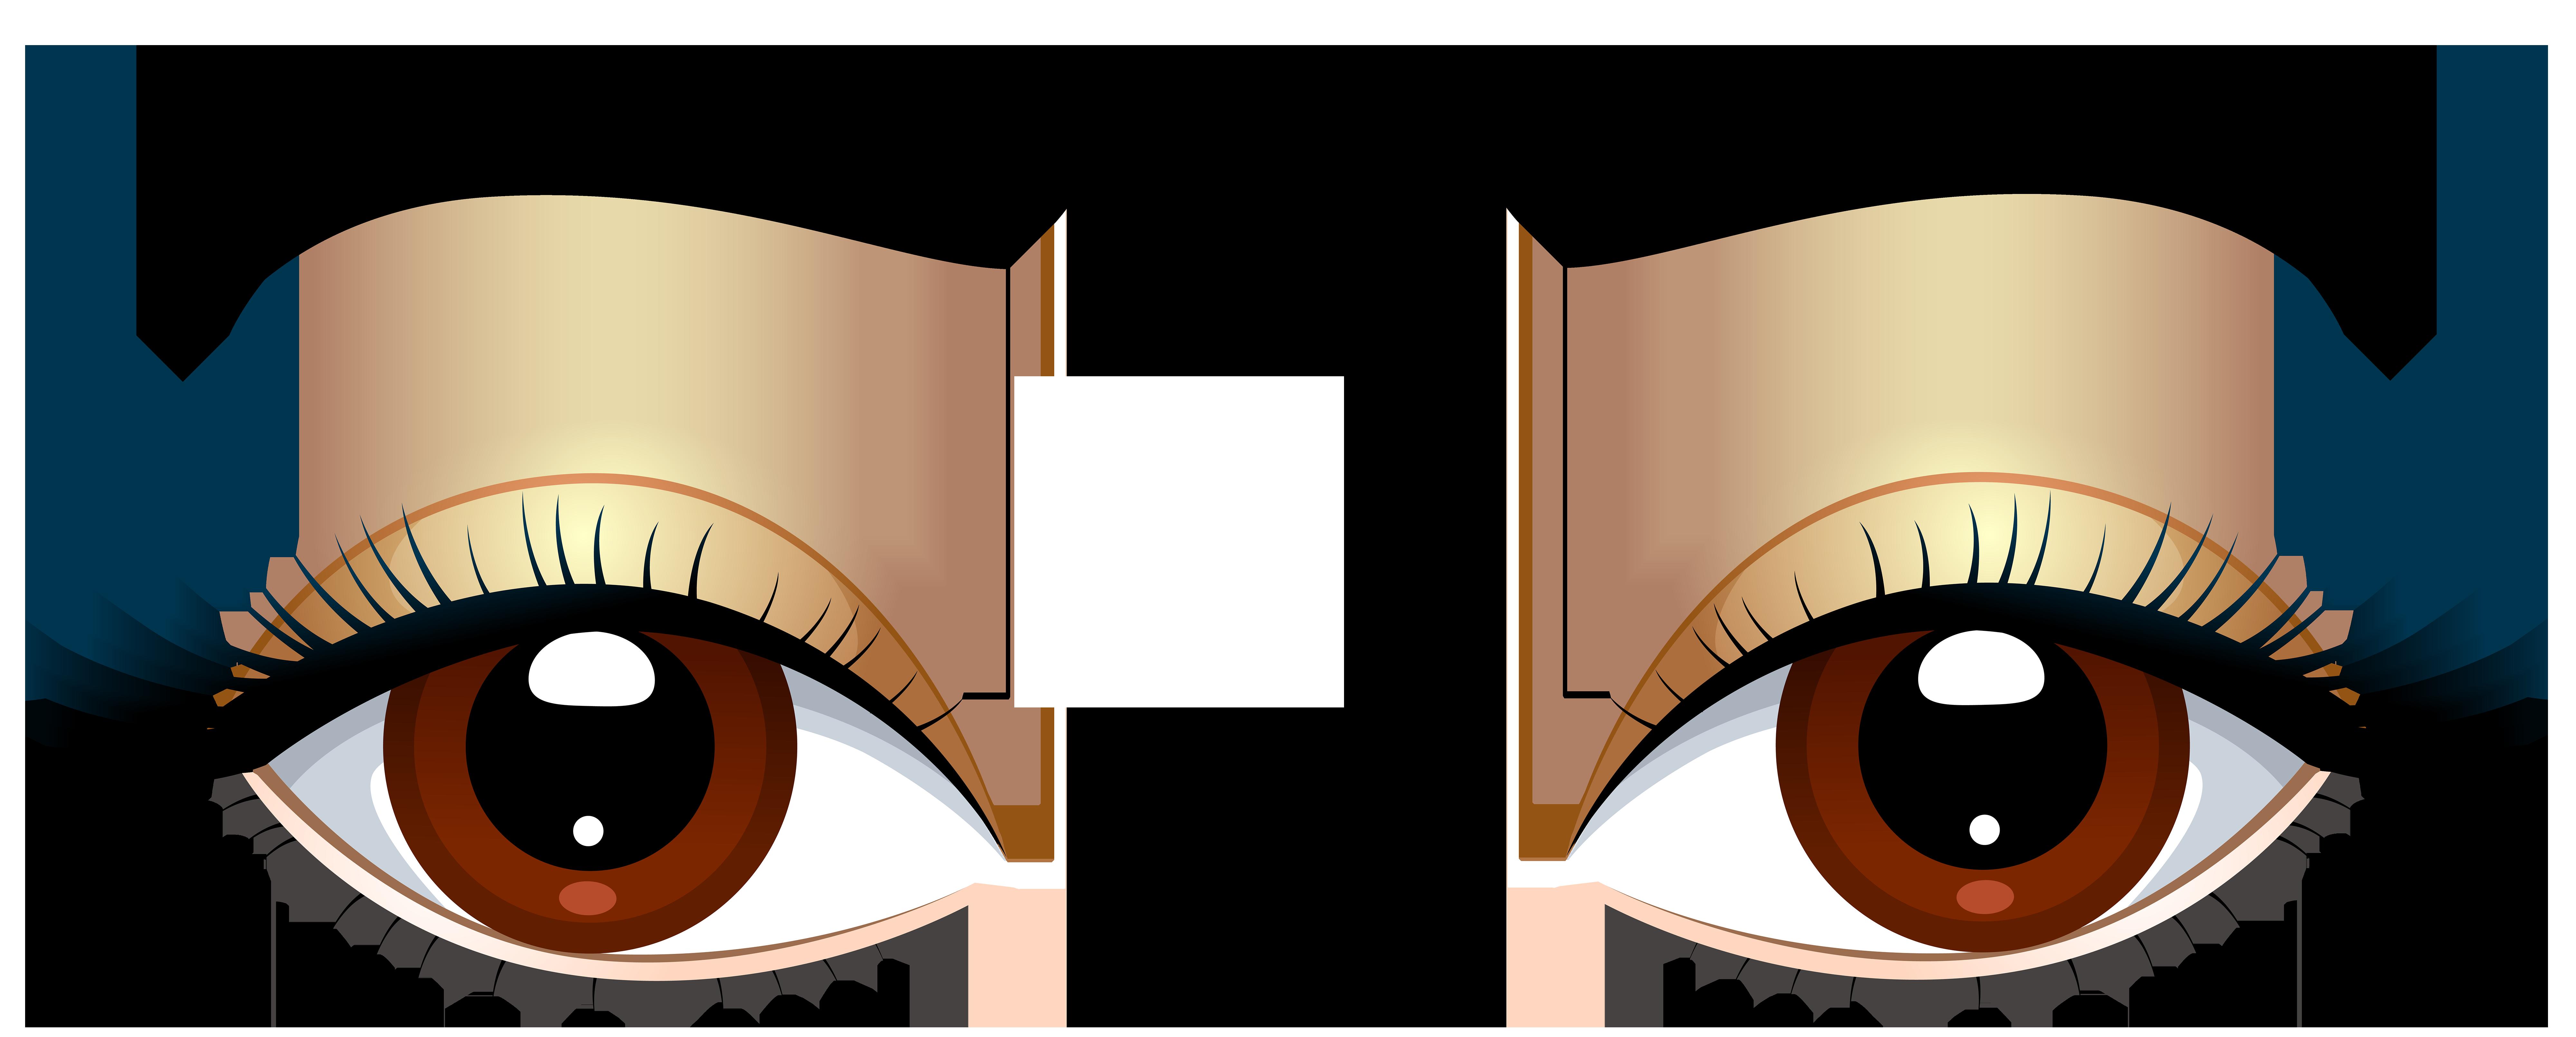 Brown Eyes With Eyebrows Png Clip Art Adesivos De Olho Namoradeiras Corpo Humano